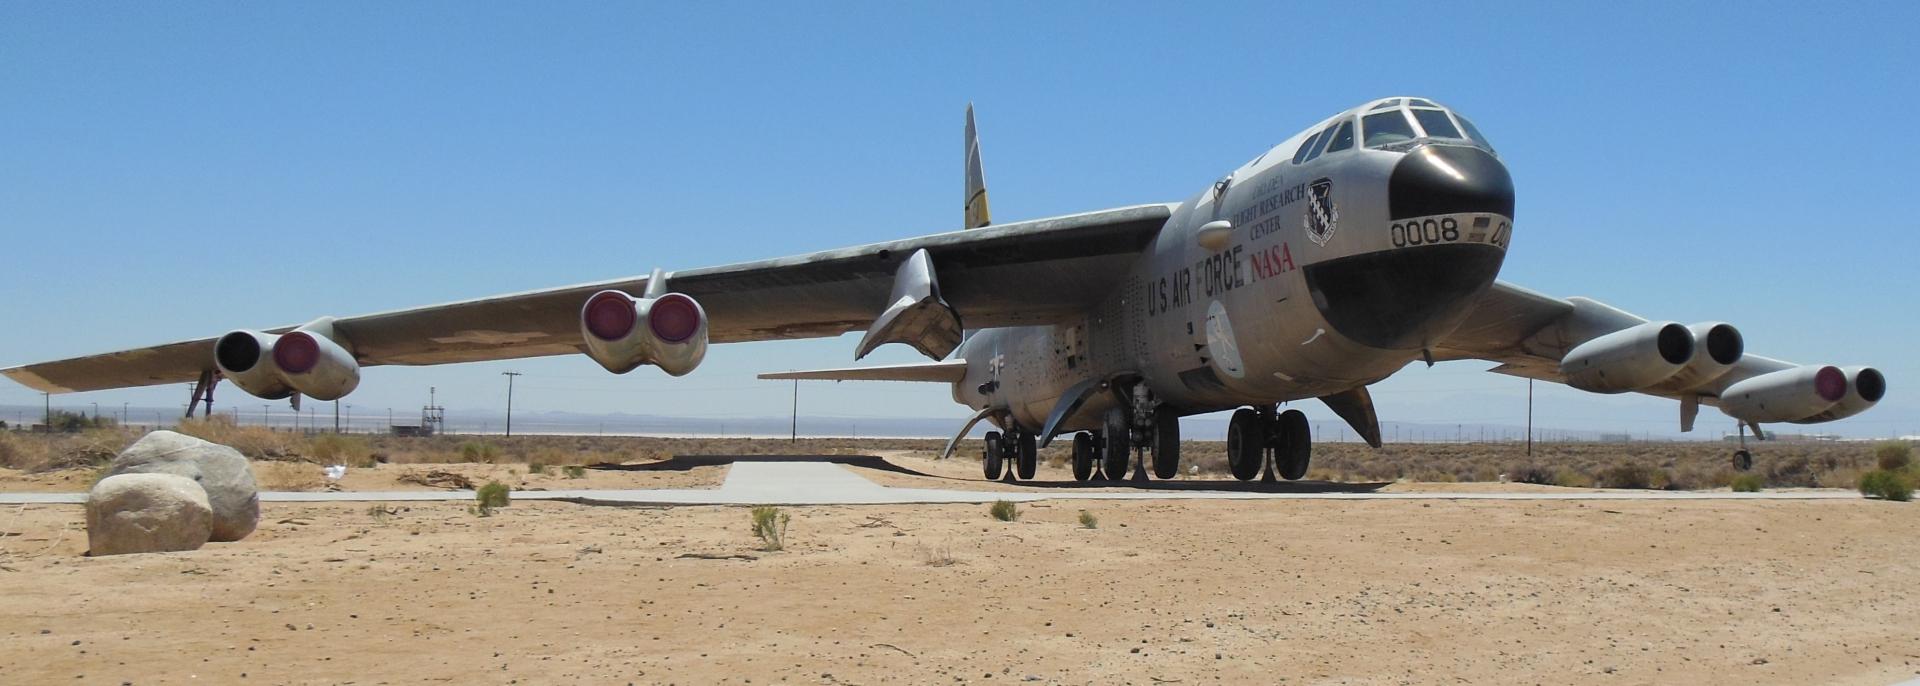 B-52 at Edwards AFB